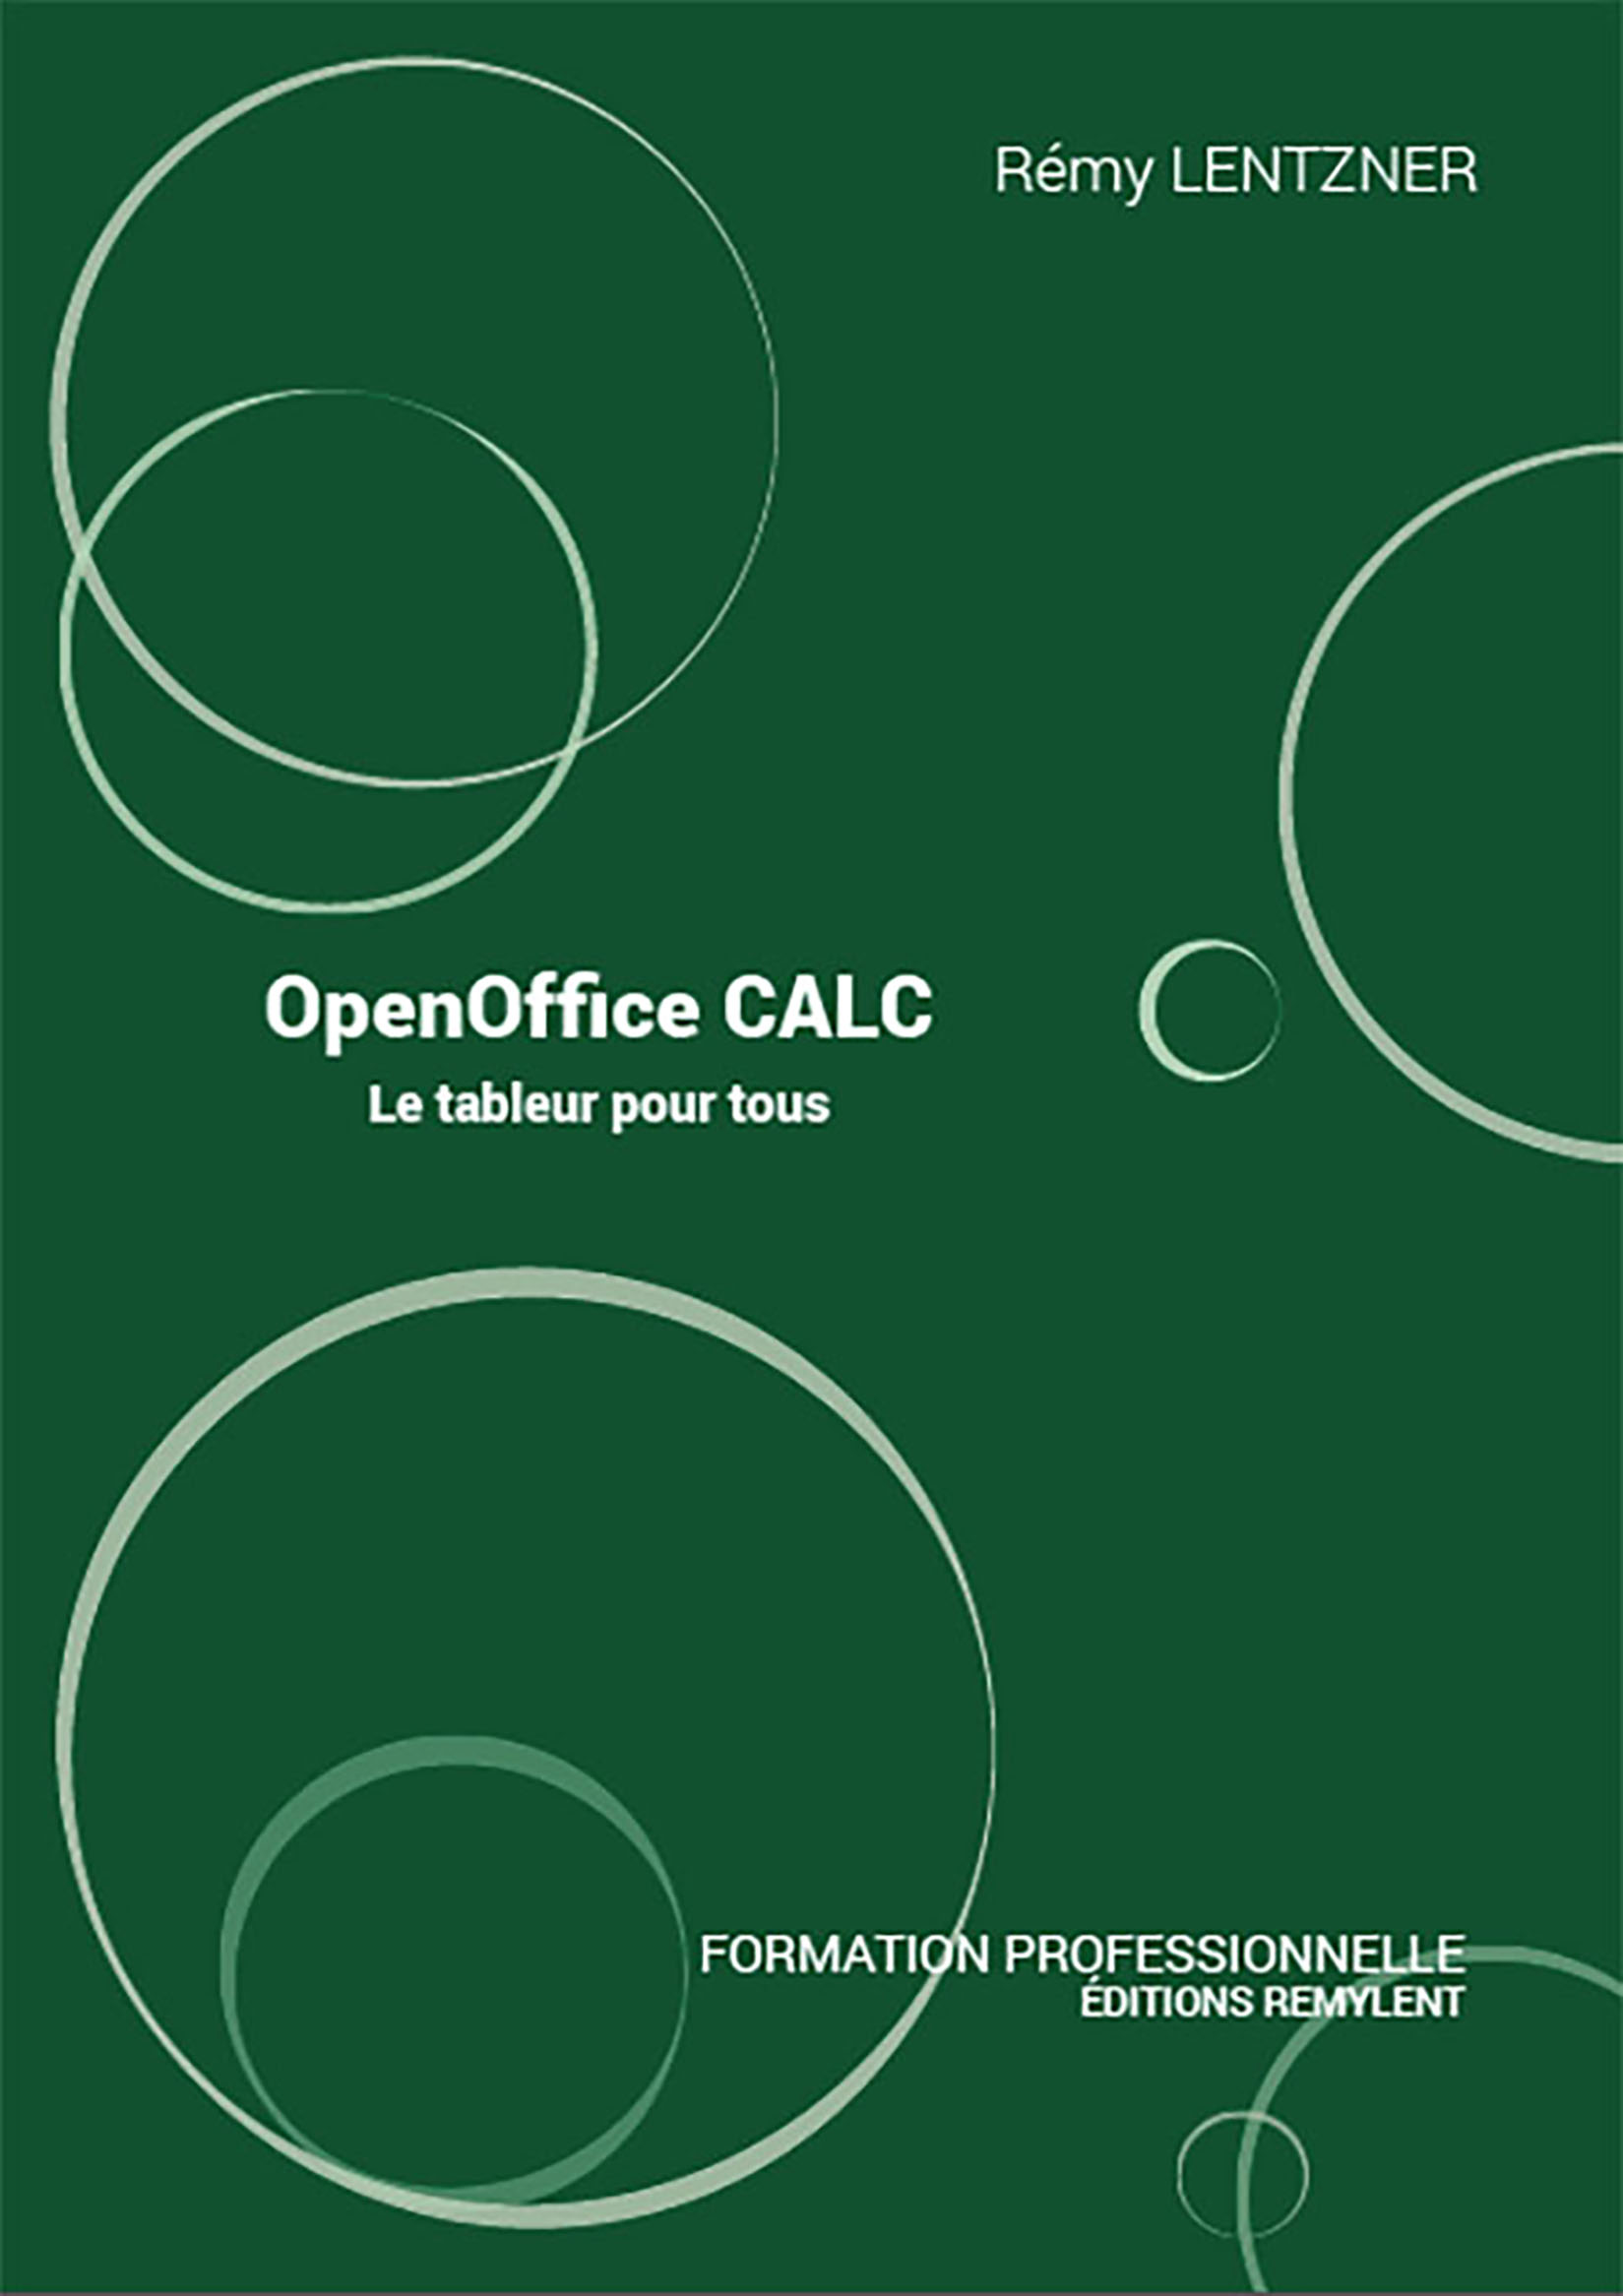 OpenOffice CALC